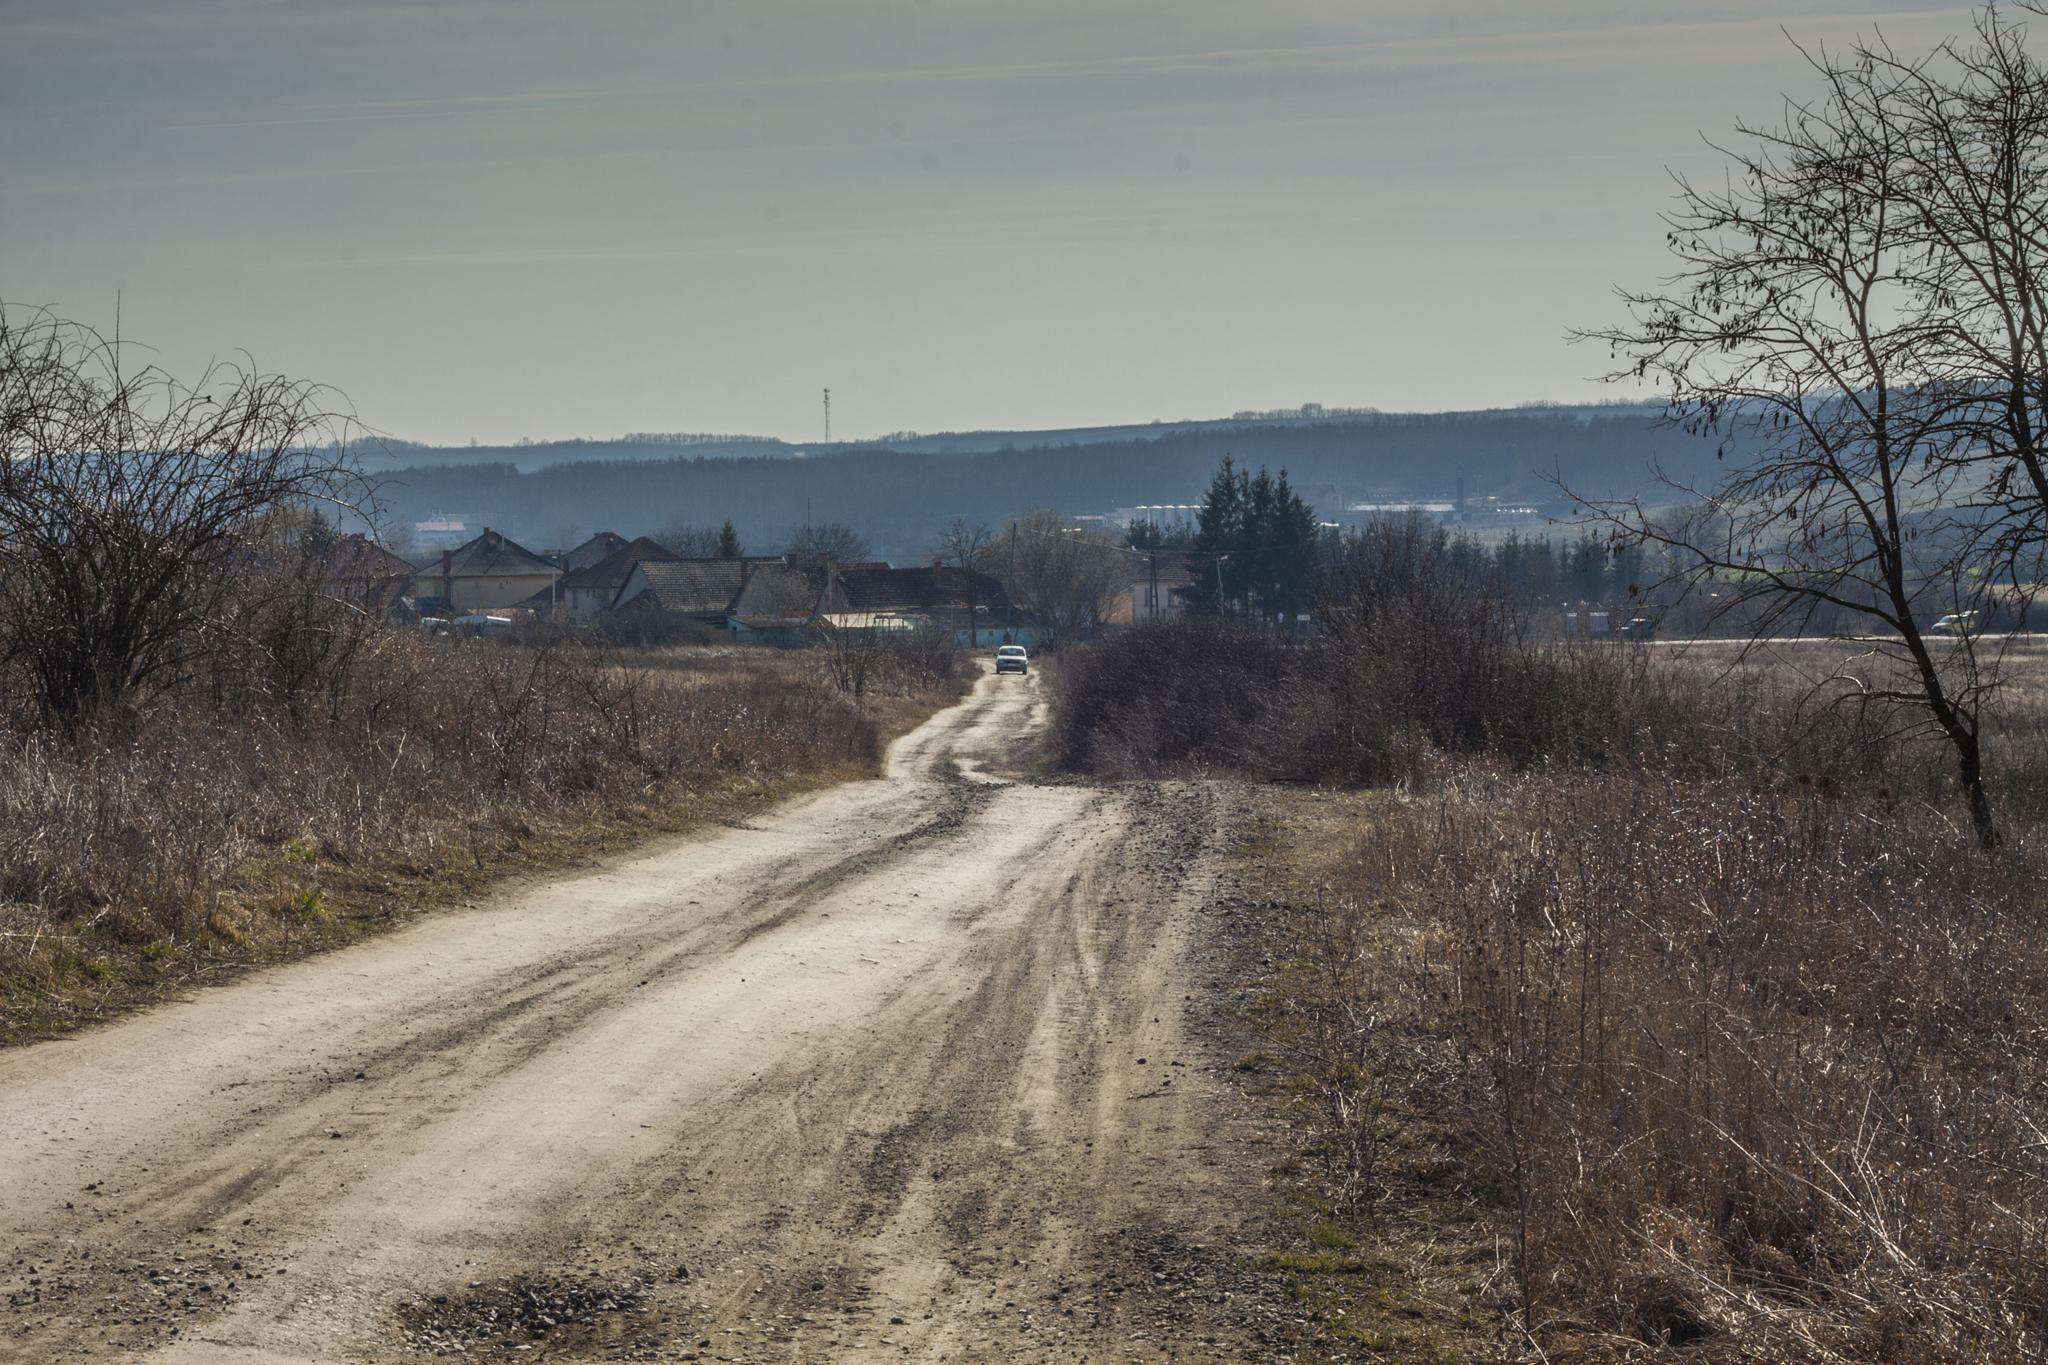 Road by DanielMagyar